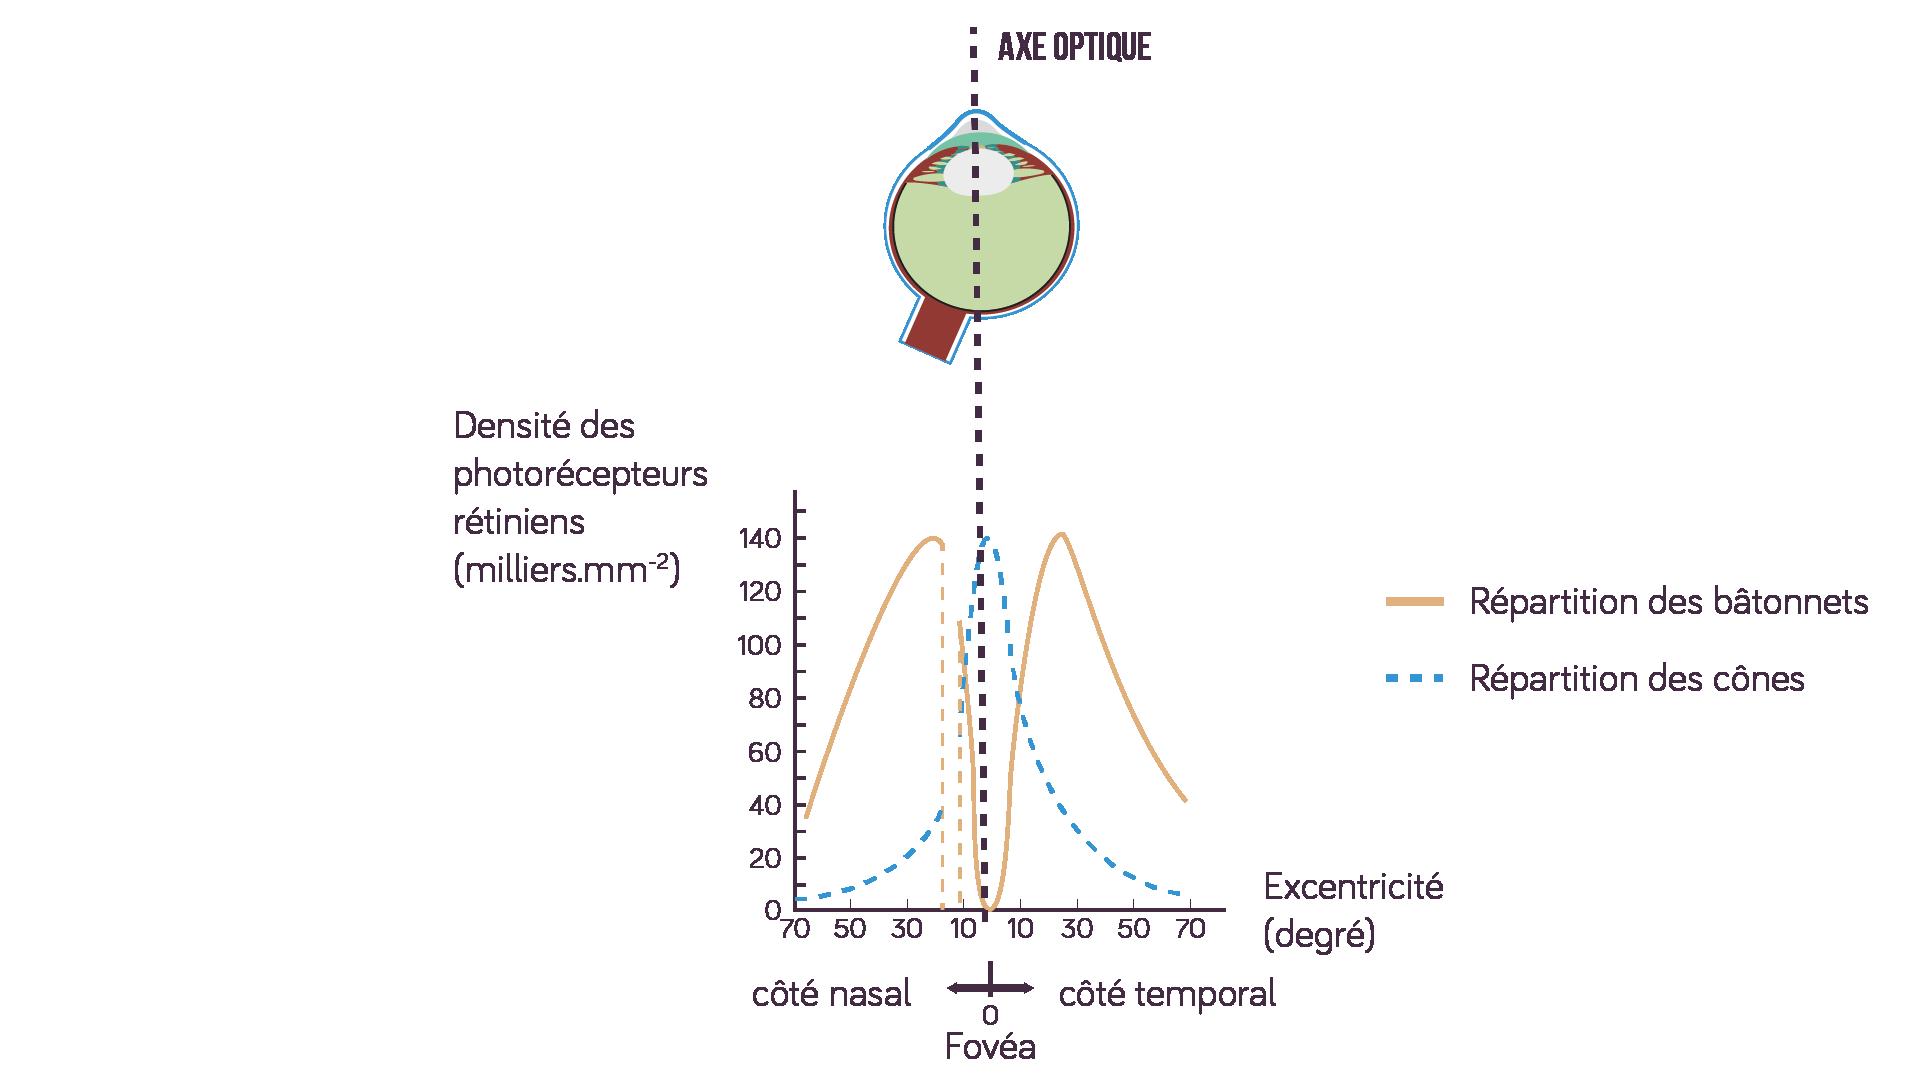 Répartition des cônes et des bâtonnets en fonction de l'excentricité